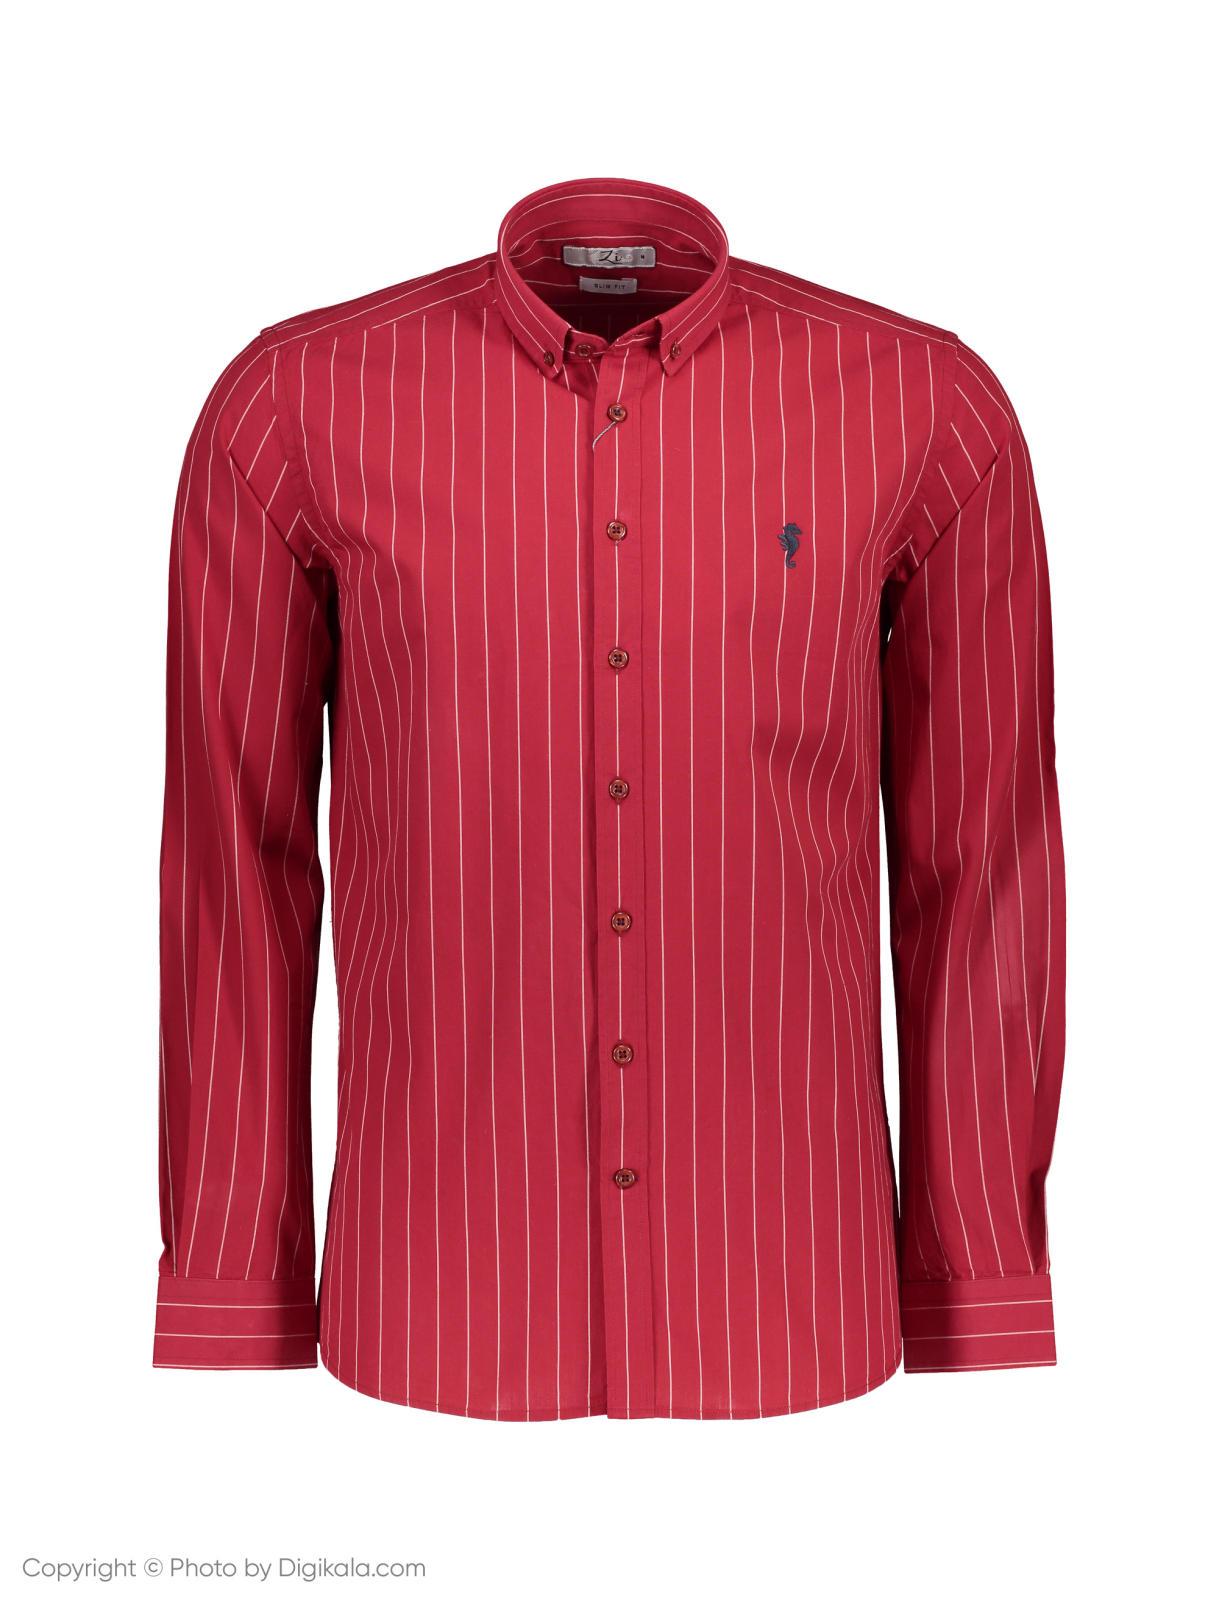 پیراهن مردانه زی مدل 153112670  Zi 153112670 Shirt For Men